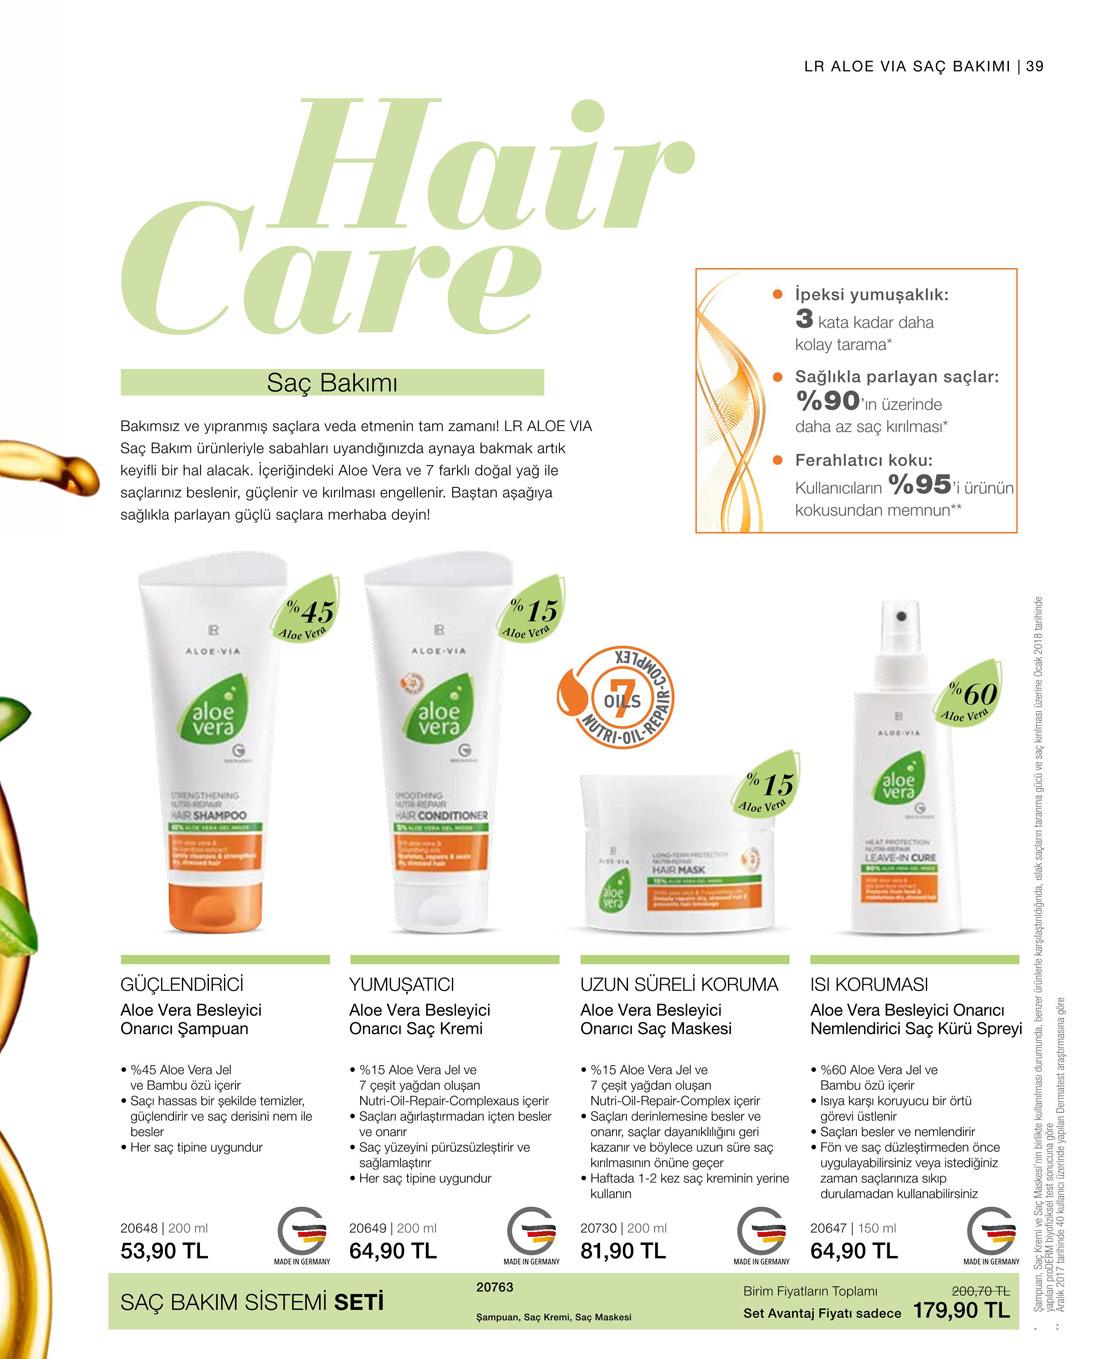 LR Aloe Vera Besleyici Onarıcı Saç Maskesi katalog